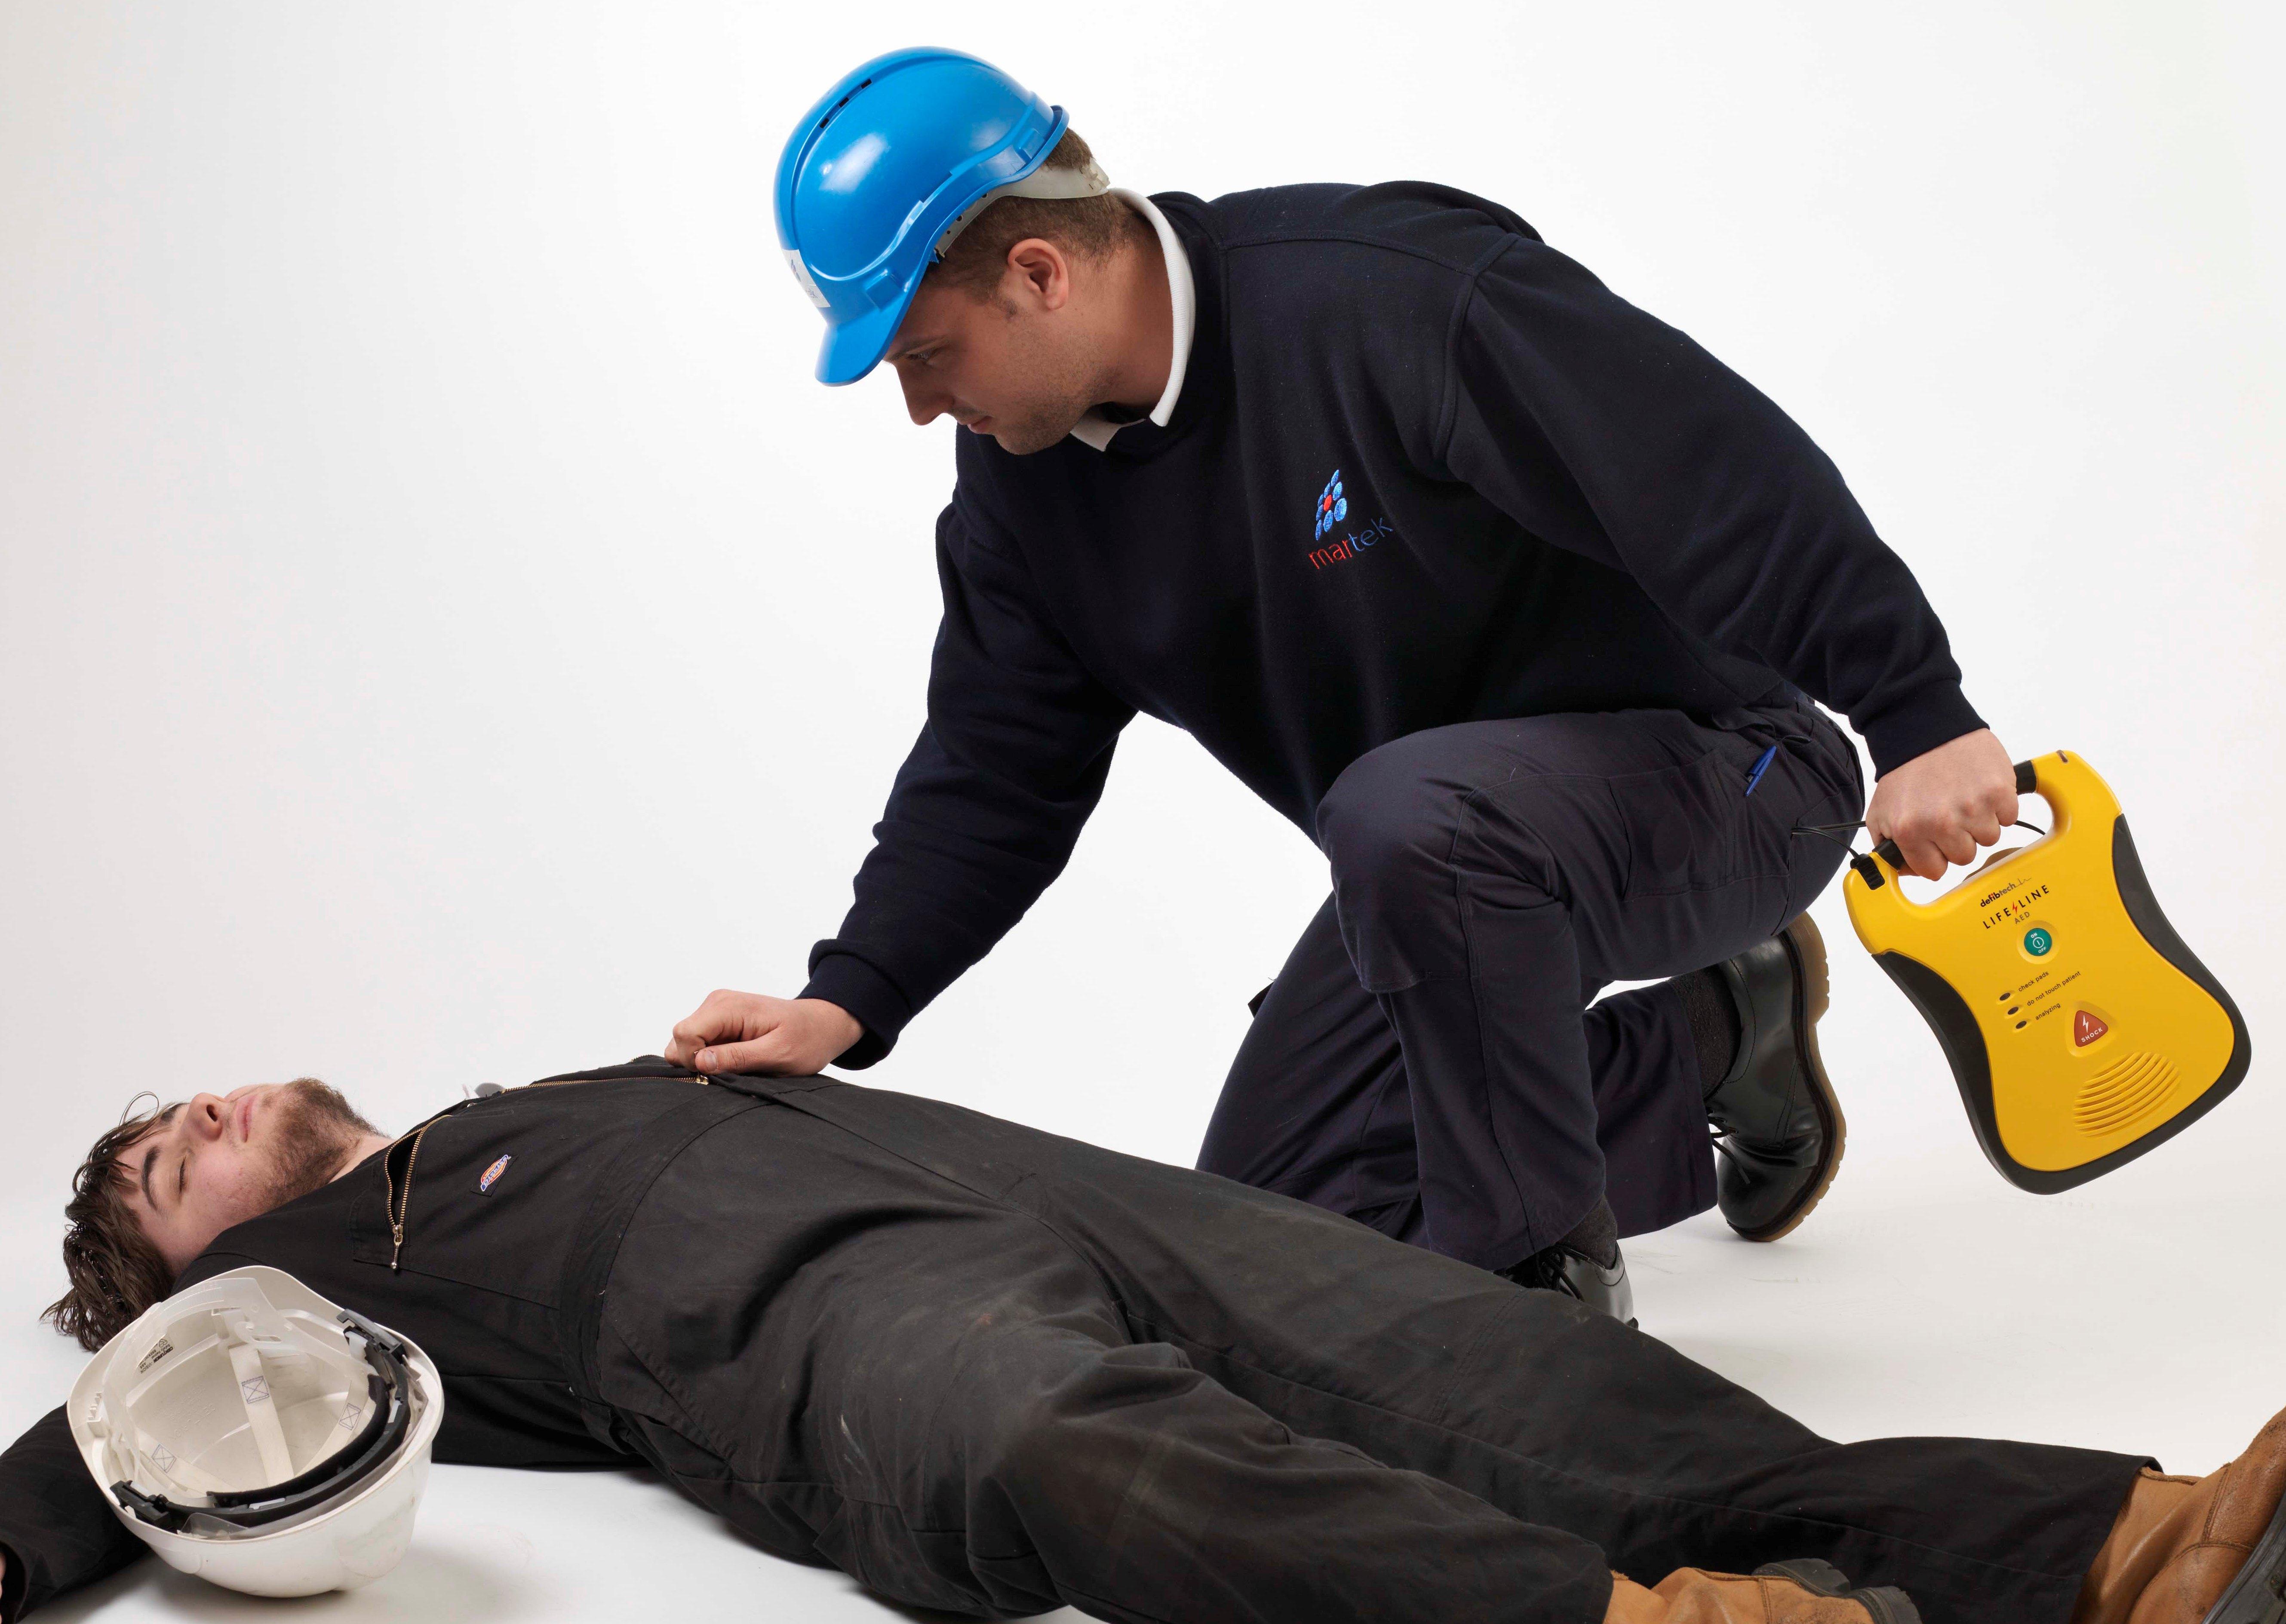 06_Safety_Defibrillator